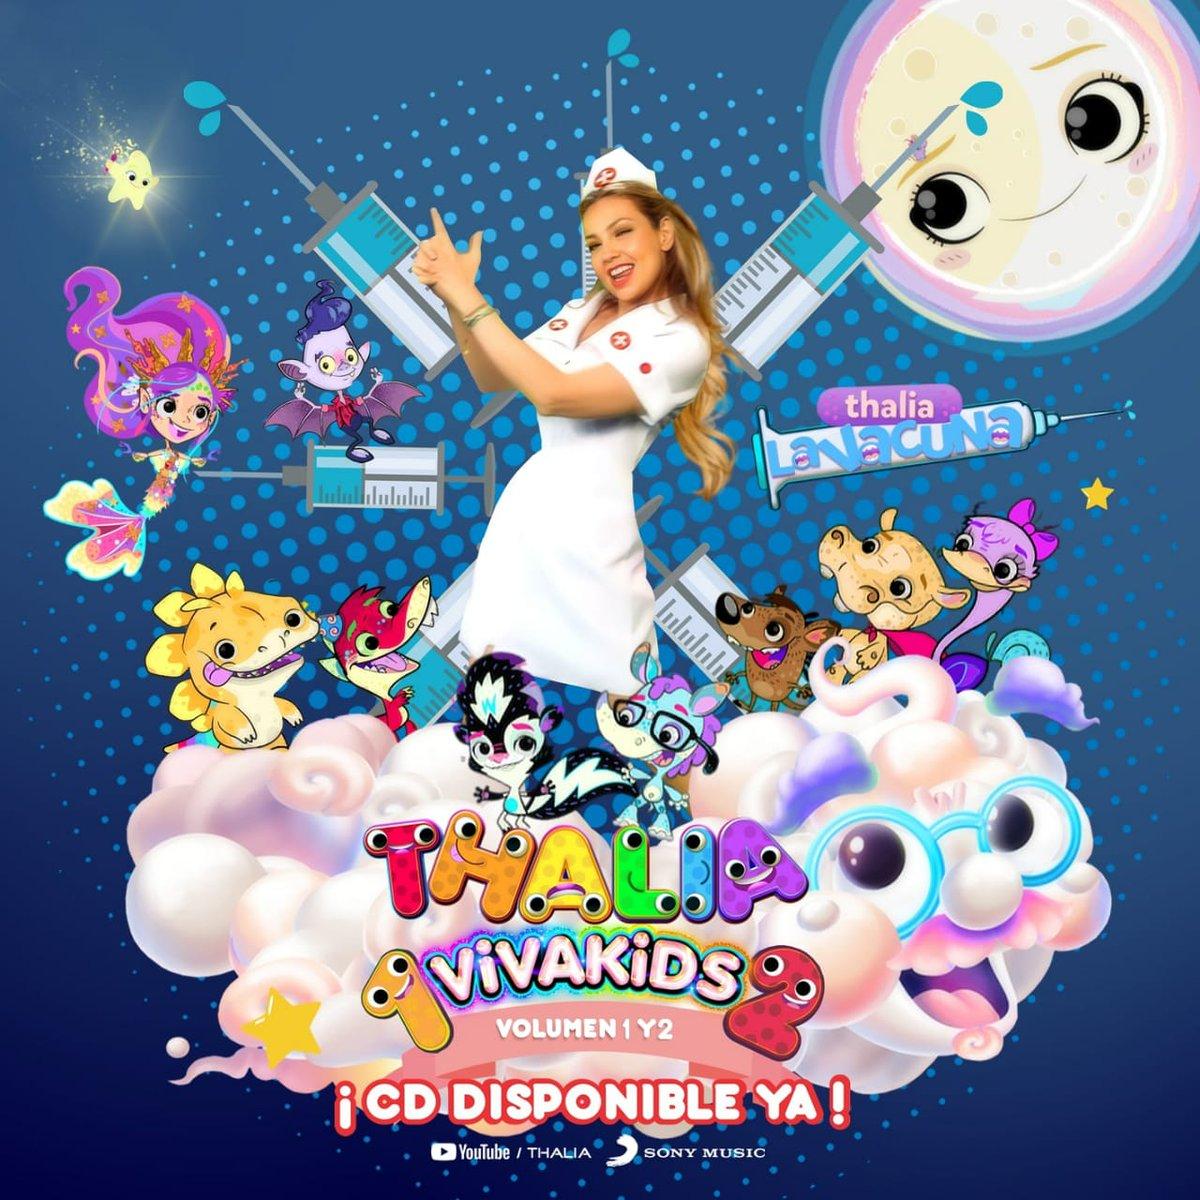 🎅 ¡ No te pierdas los mejores videos del más reciente disco a la venta de @thalia #VivaKids en su edición especial #VivaKids1y2 💋🤍🌡🚑 y disfruta #LaVacuna y muchos éxitos!💙💜 ¡ El mejor regalo para esta navidad ya disponible en tiendas y en tu plataforma digital favorita !